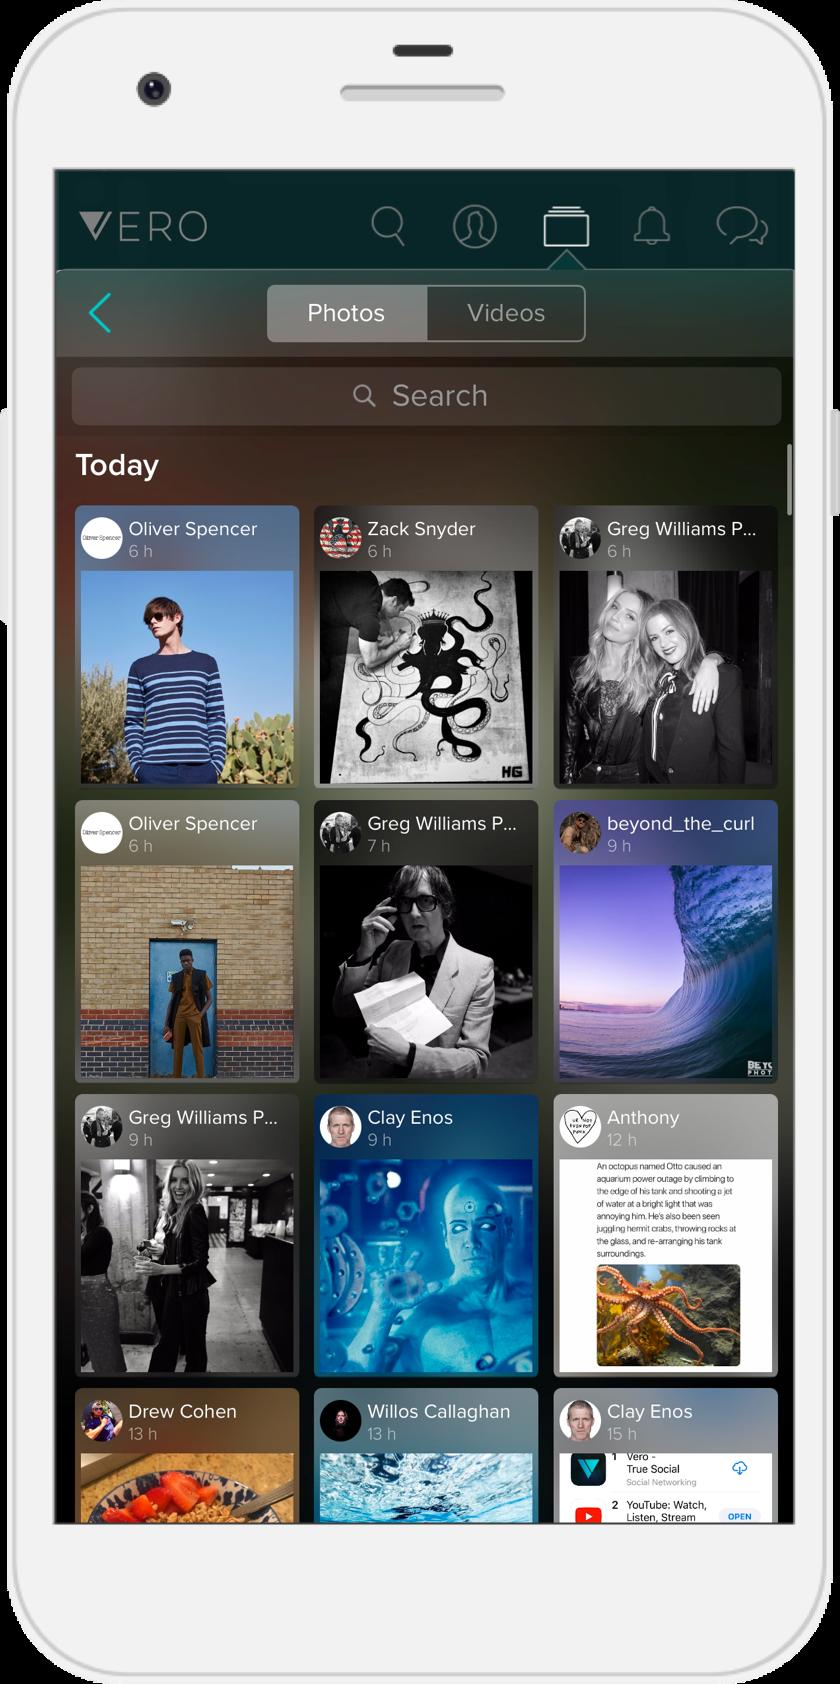 Vero - True Social App